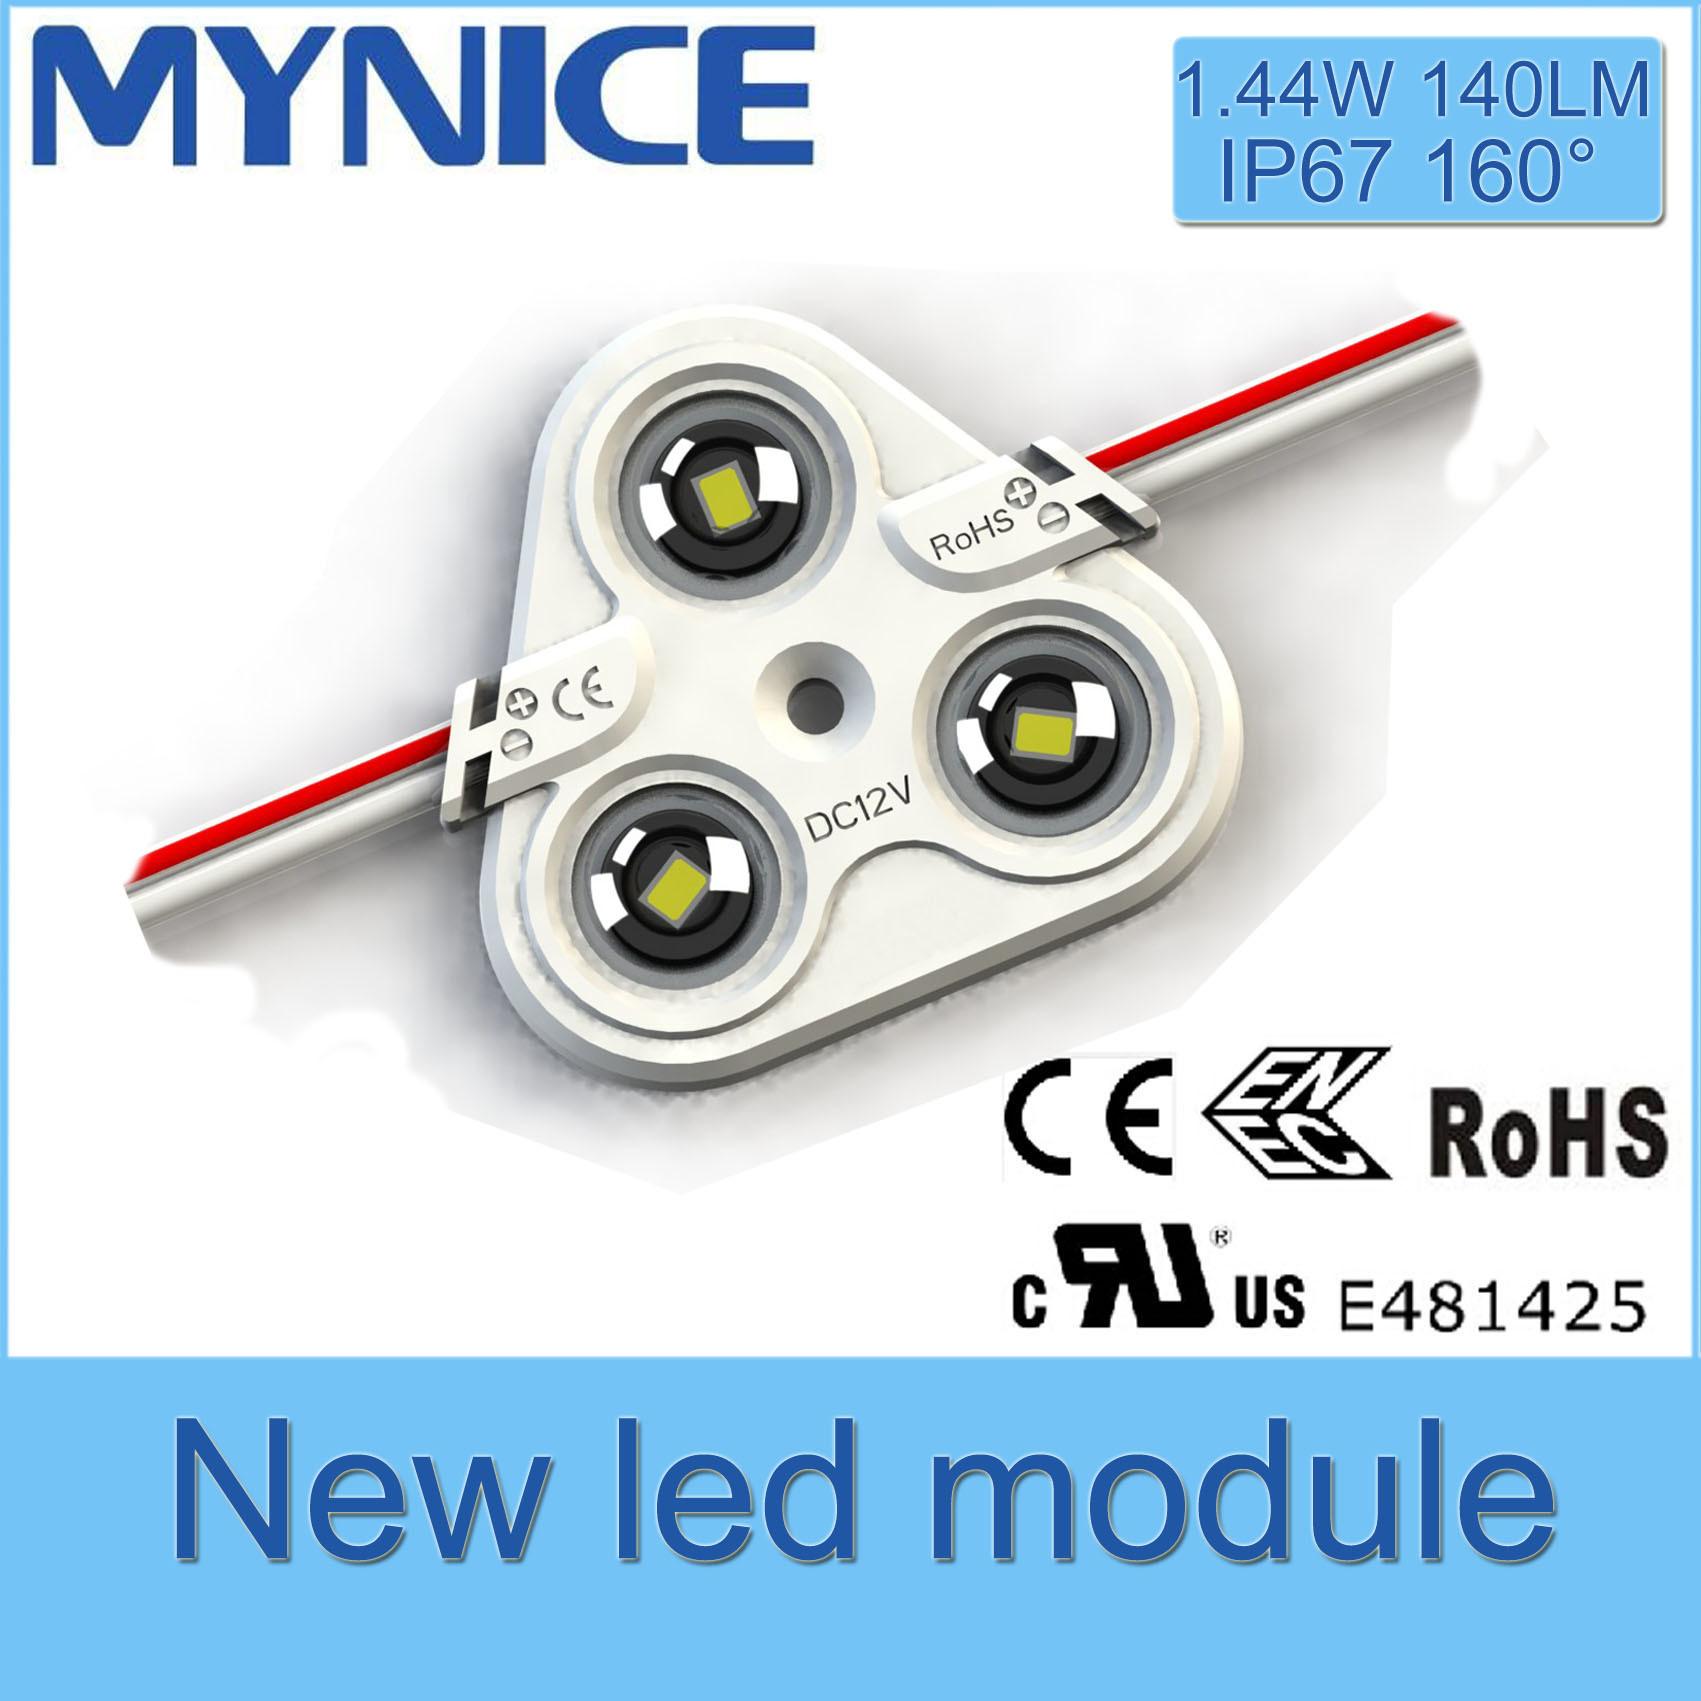 Modulo dell'iniezione di prezzi all'ingrosso IP67 LED con il certificato dell'obiettivo UL/Ce/Rohs